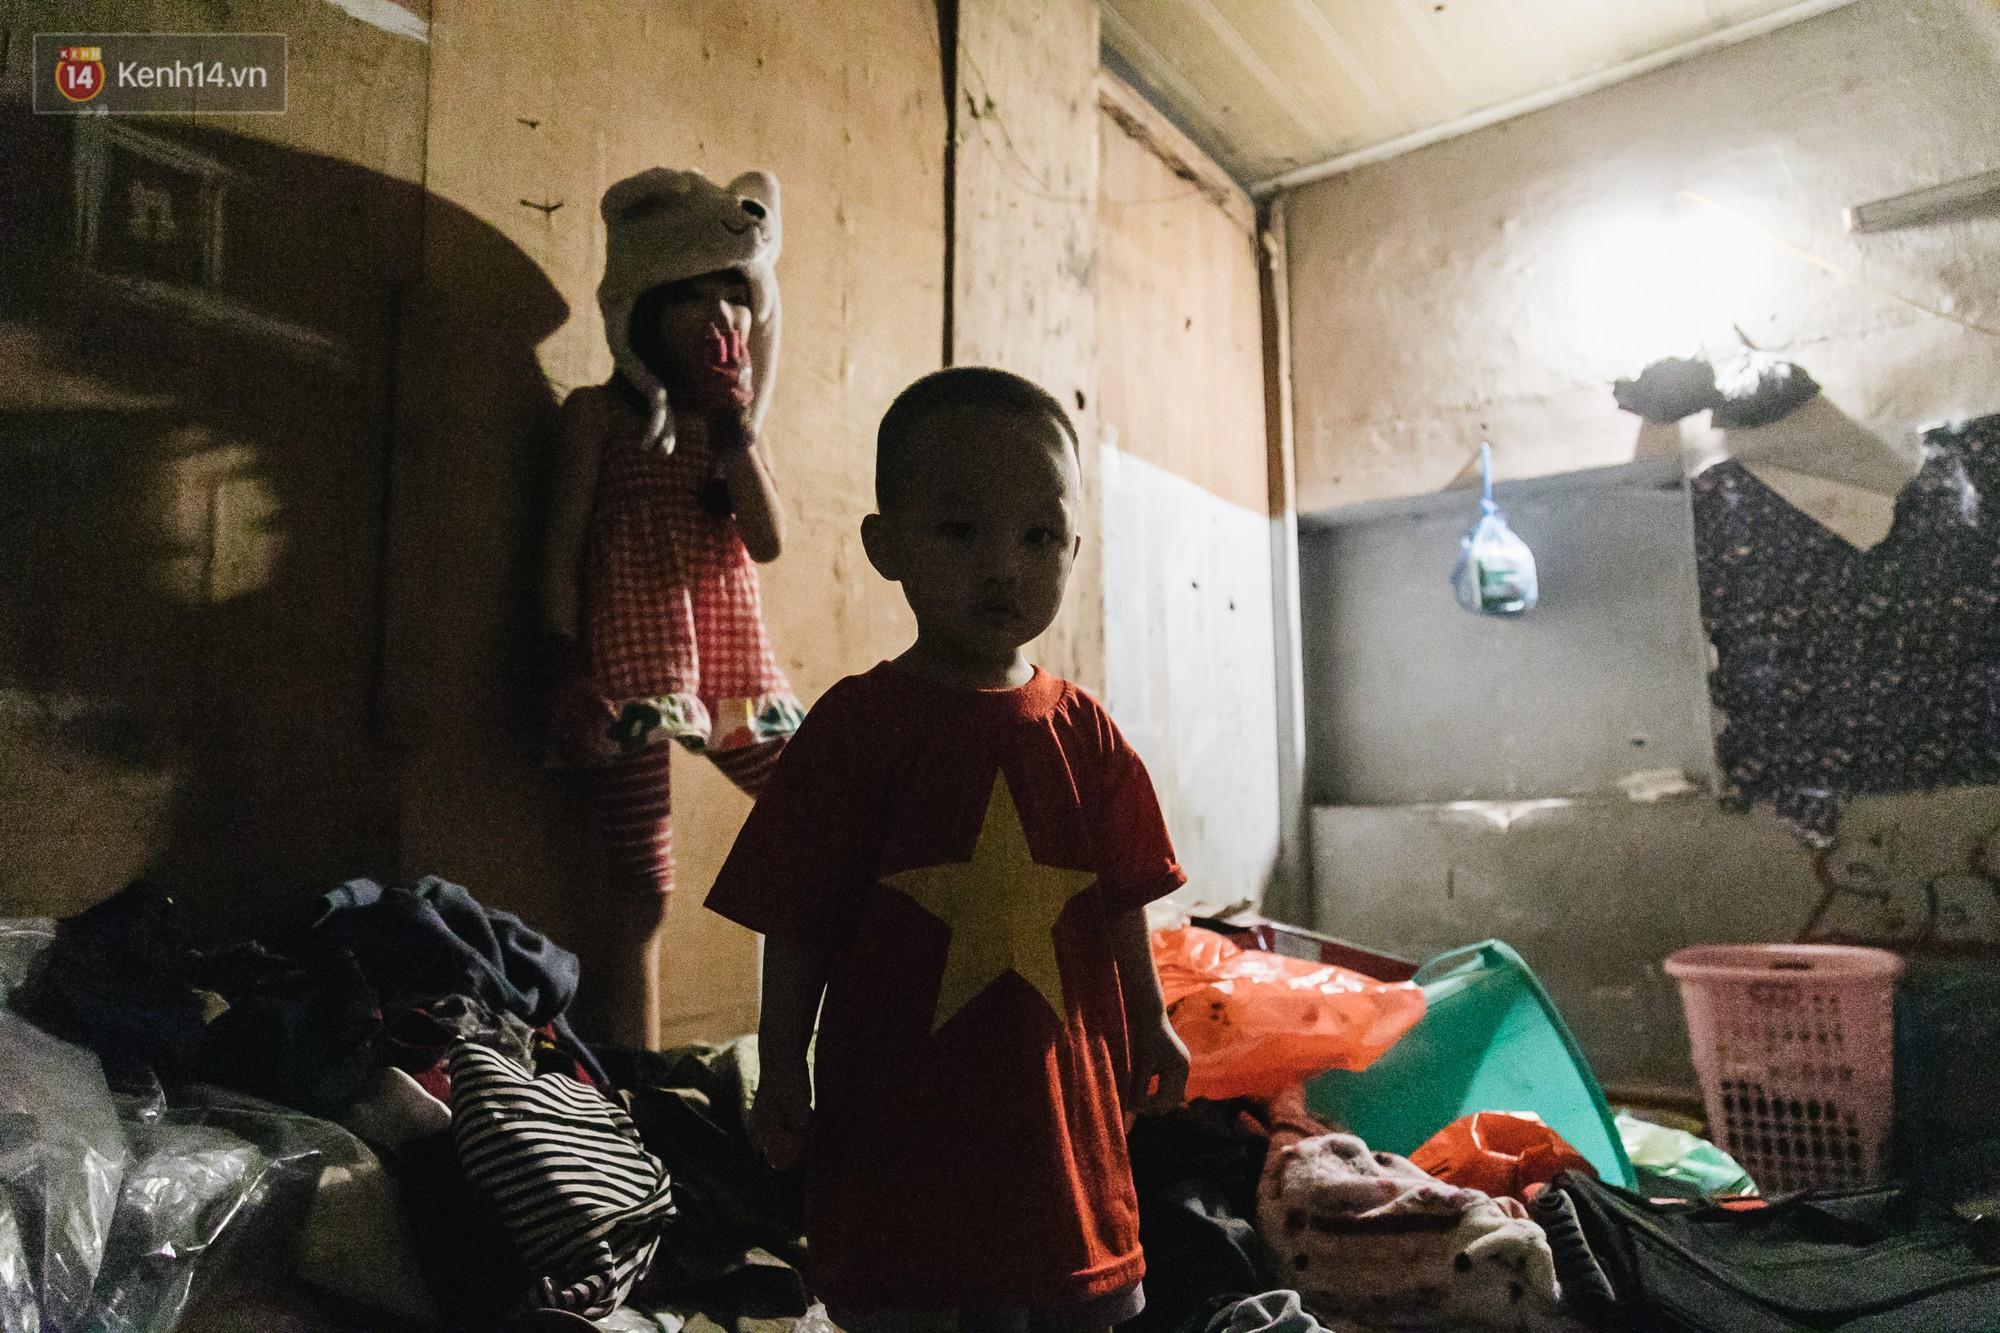 Bất ngờ nổi tiếng sau 1 đêm, bé gái 6 tuổi phối đồ chất ở Hà Nội trở về những ngày lang thang bán hàng rong cùng mẹ-3